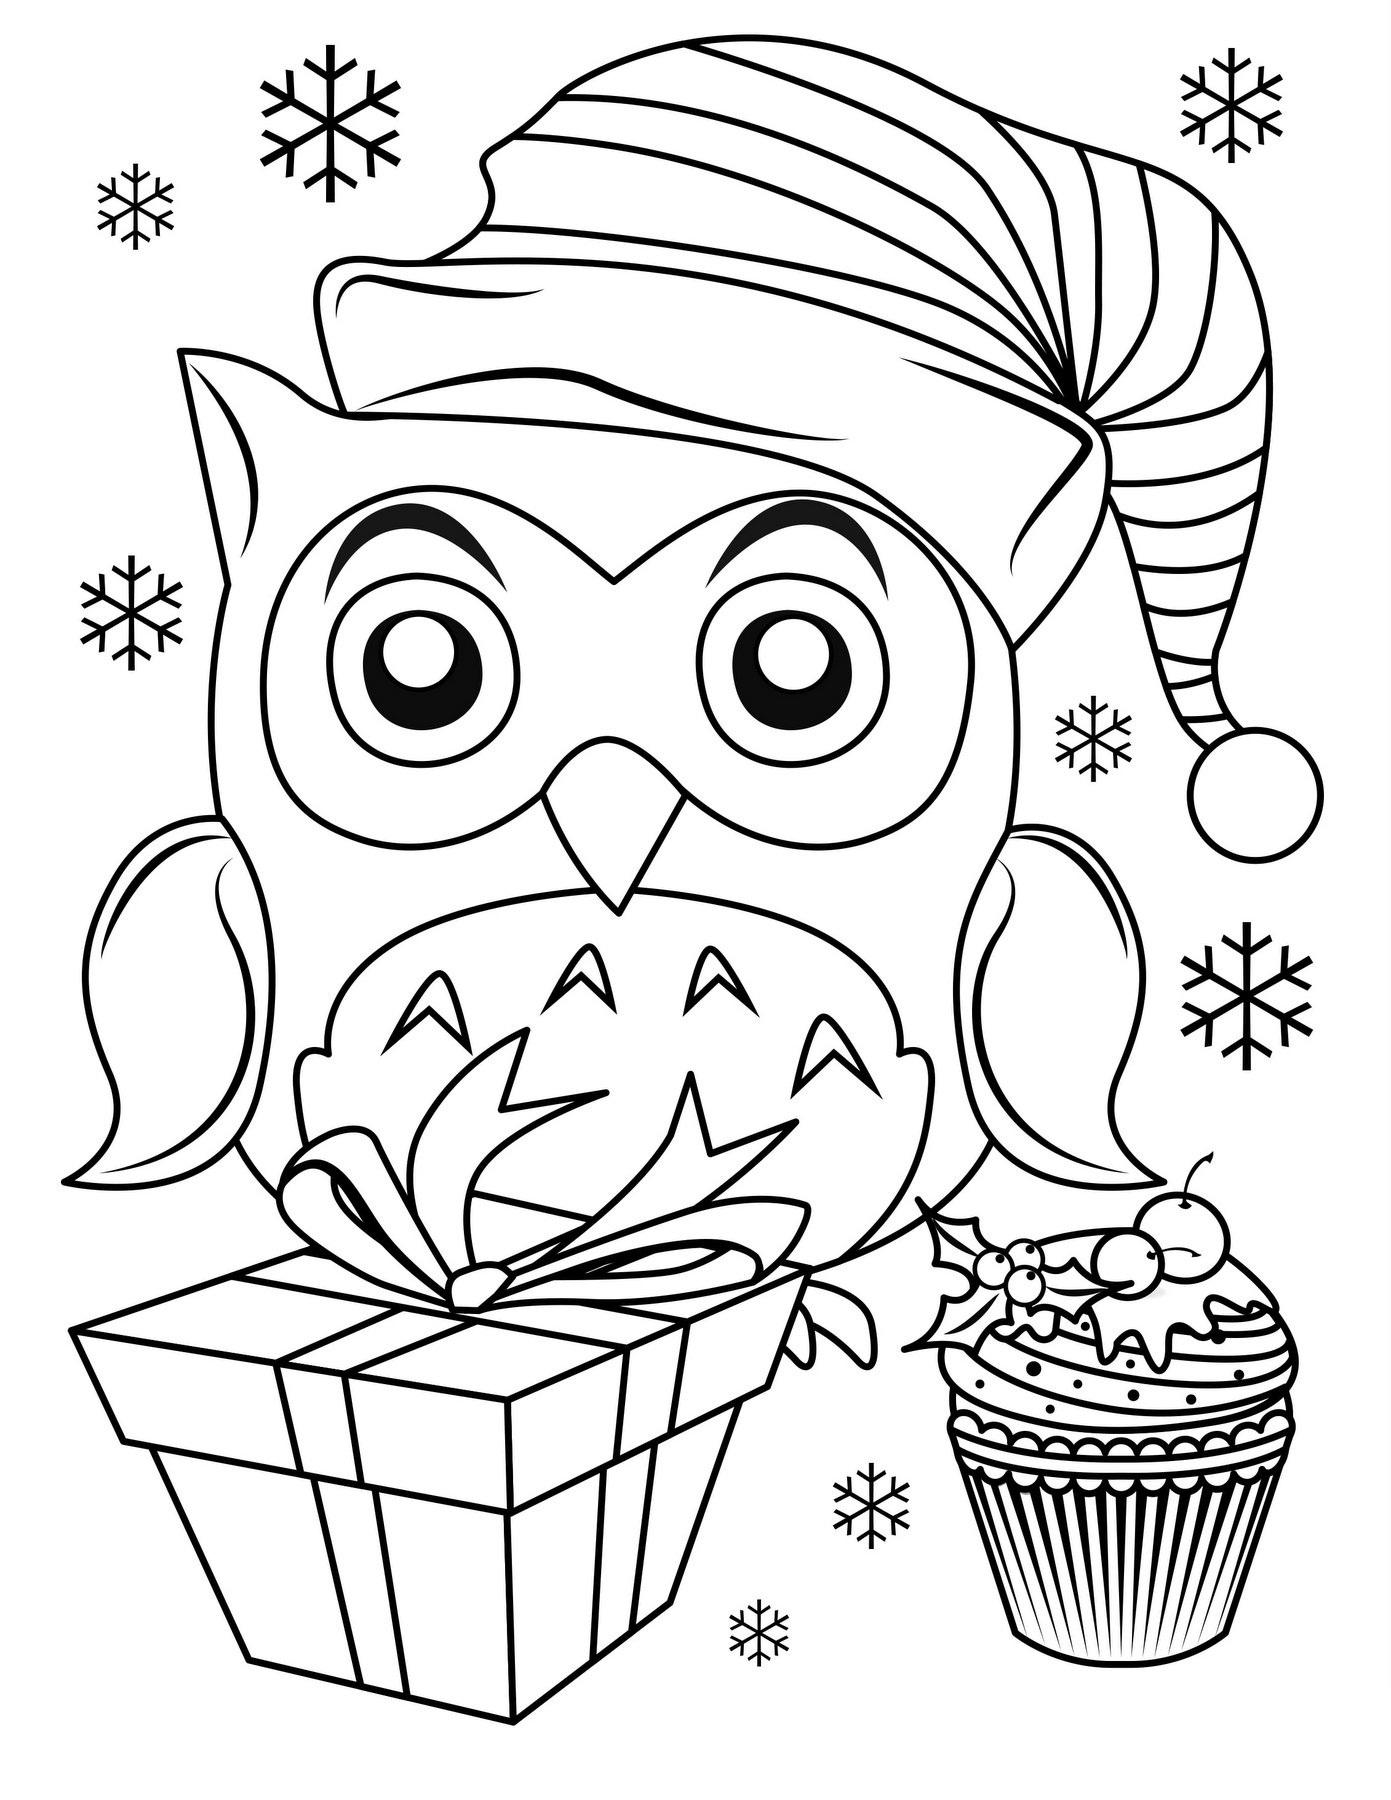 Раскраска Pождественская сова